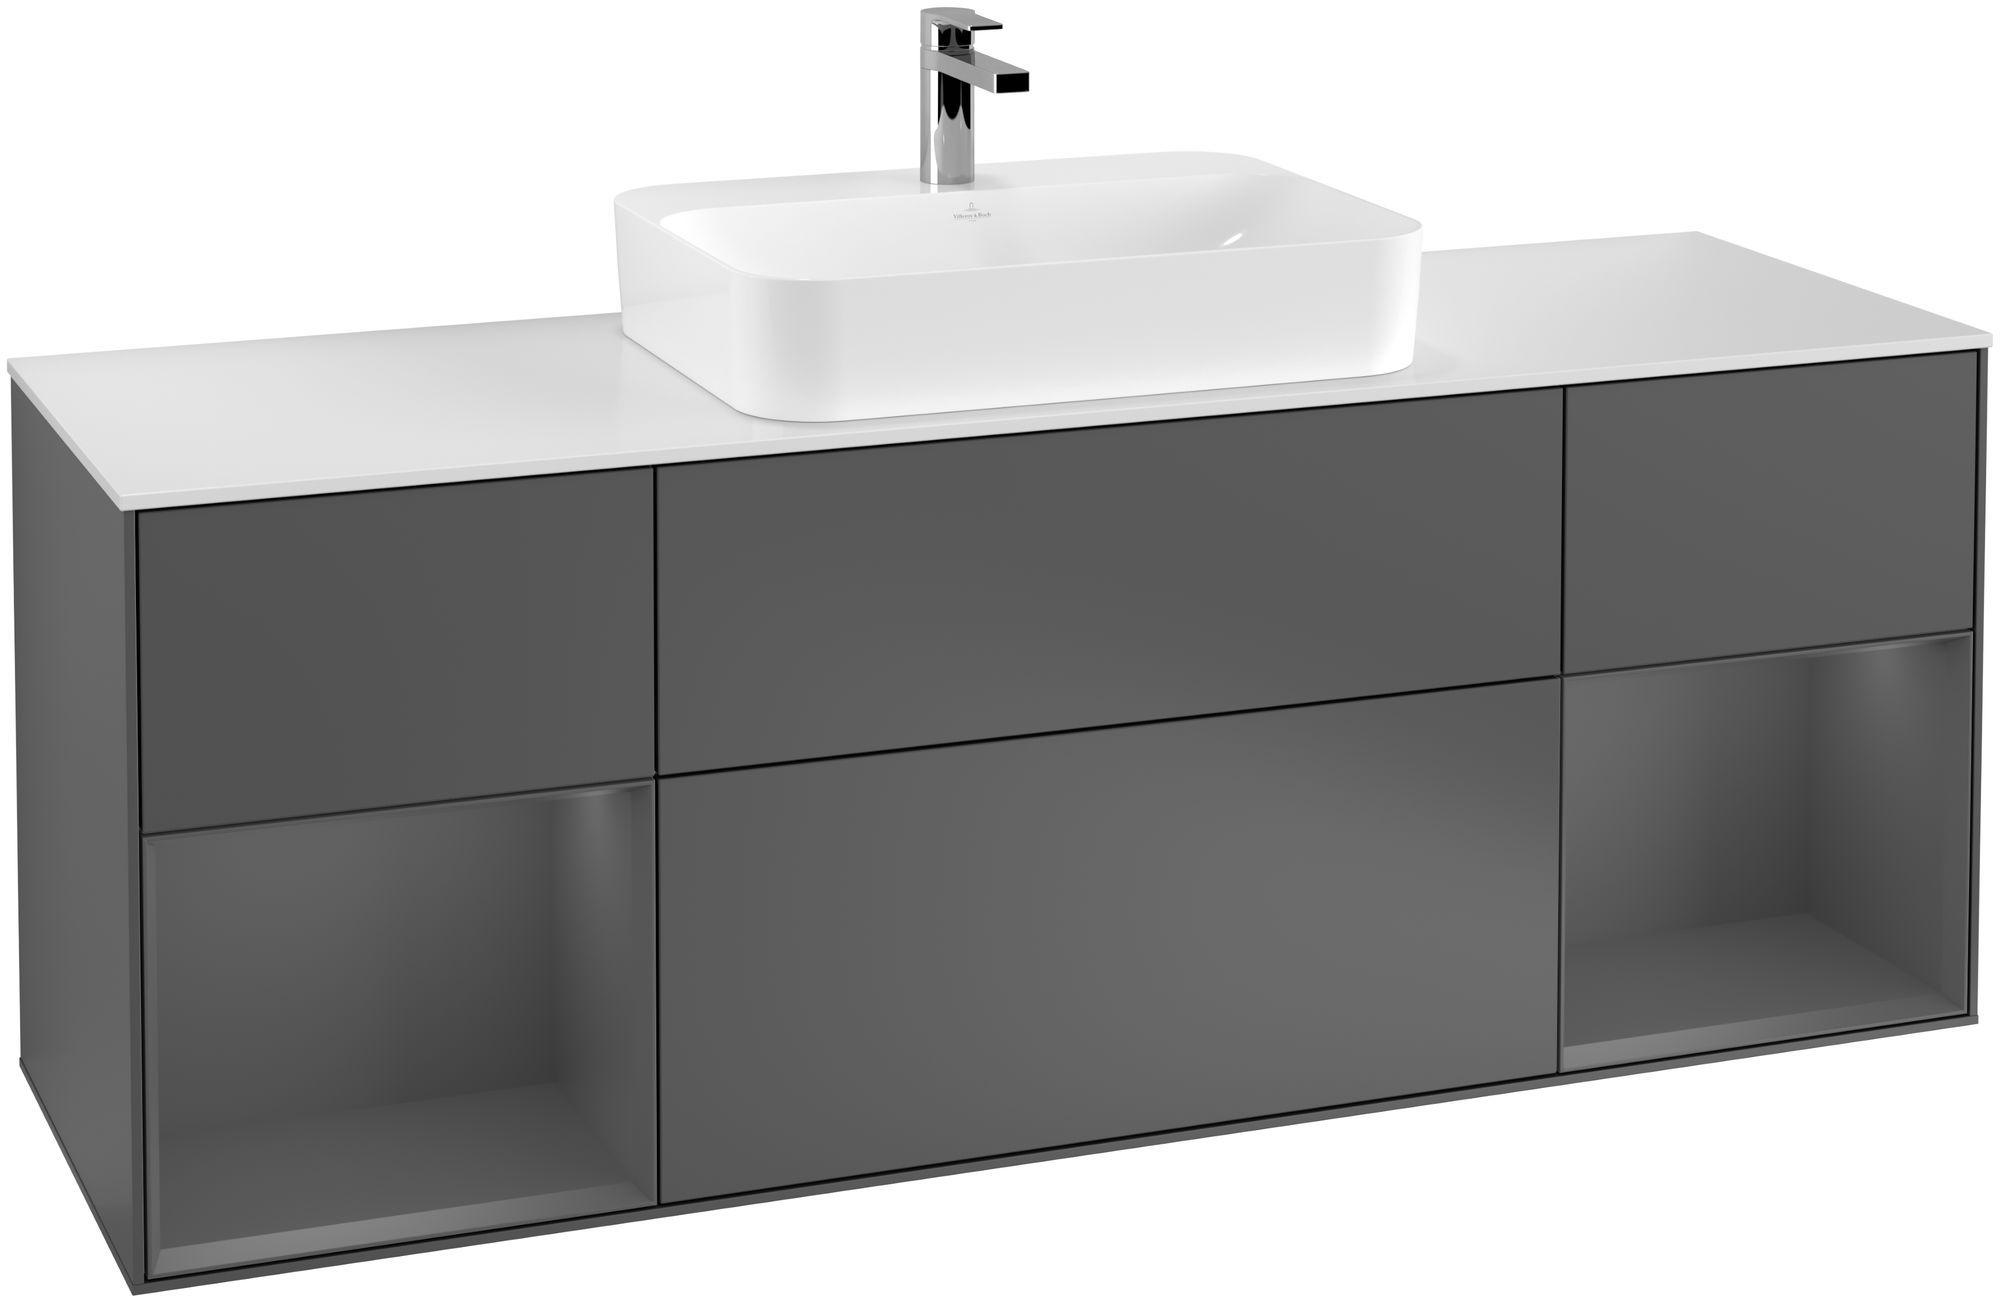 Villeroy & Boch Finion F45 Waschtischunterschrank mit Regalelement 4 Auszüge Waschtisch mittig LED-Beleuchtung B:160xH:60,3xT:50,1cm Front, Korpus: Anthracite Matt, Glasplatte: White Matt F451GKGK